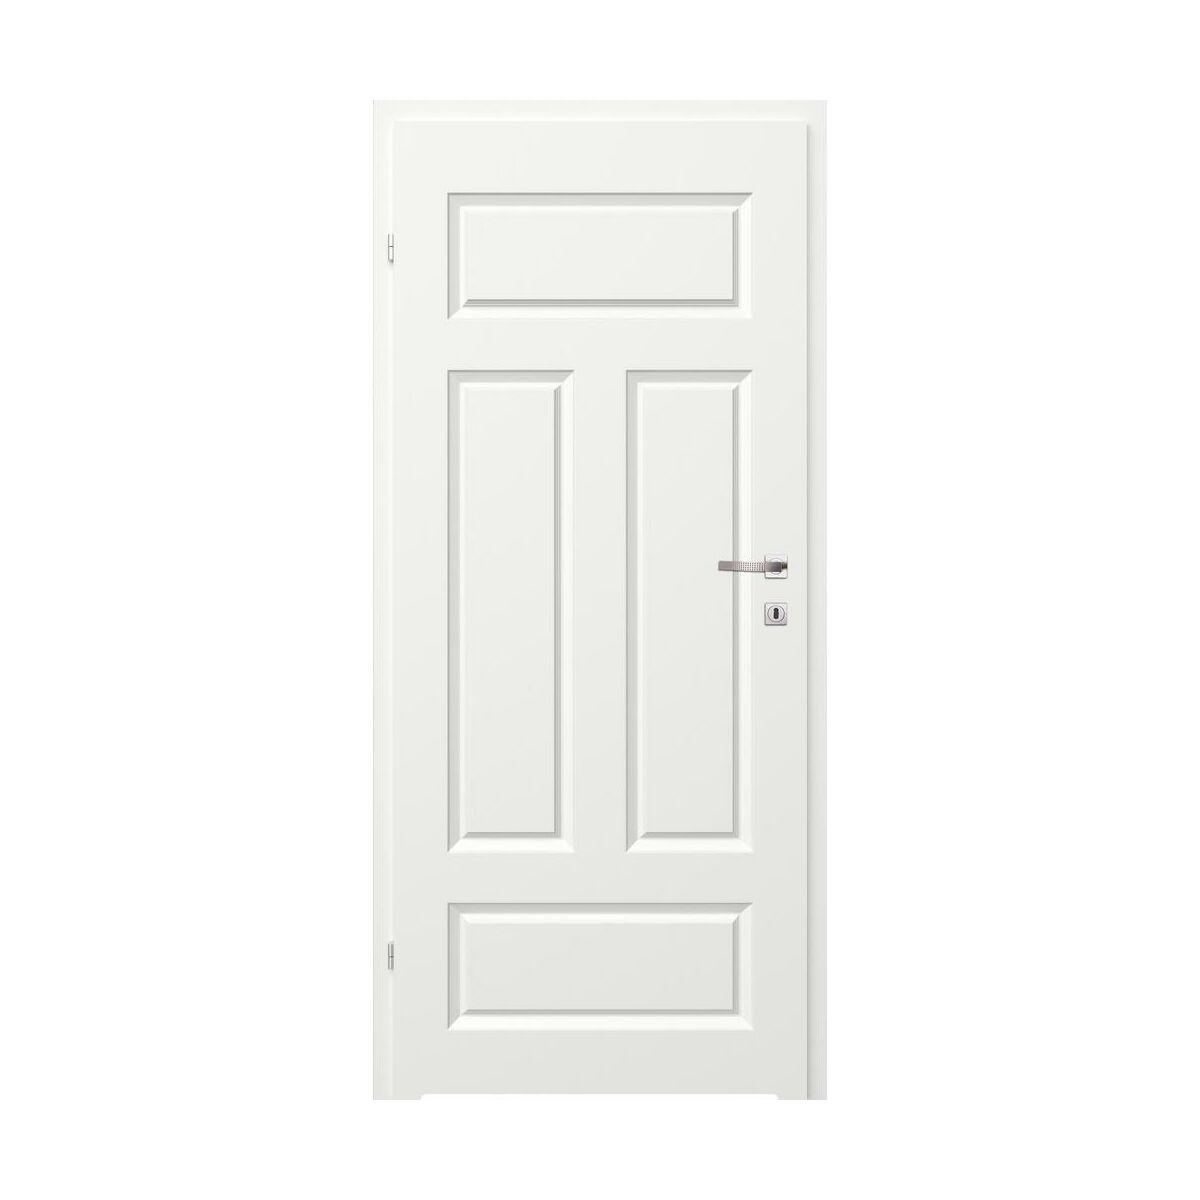 Skrzydlo Drzwiowe Z Podcieciem Wentylacyjnym Morano I Biale 70 Lewe Classen Drzwi Wewnetrzne W Atrakcyjnej Cenie W Sklepach Leroy Merlin